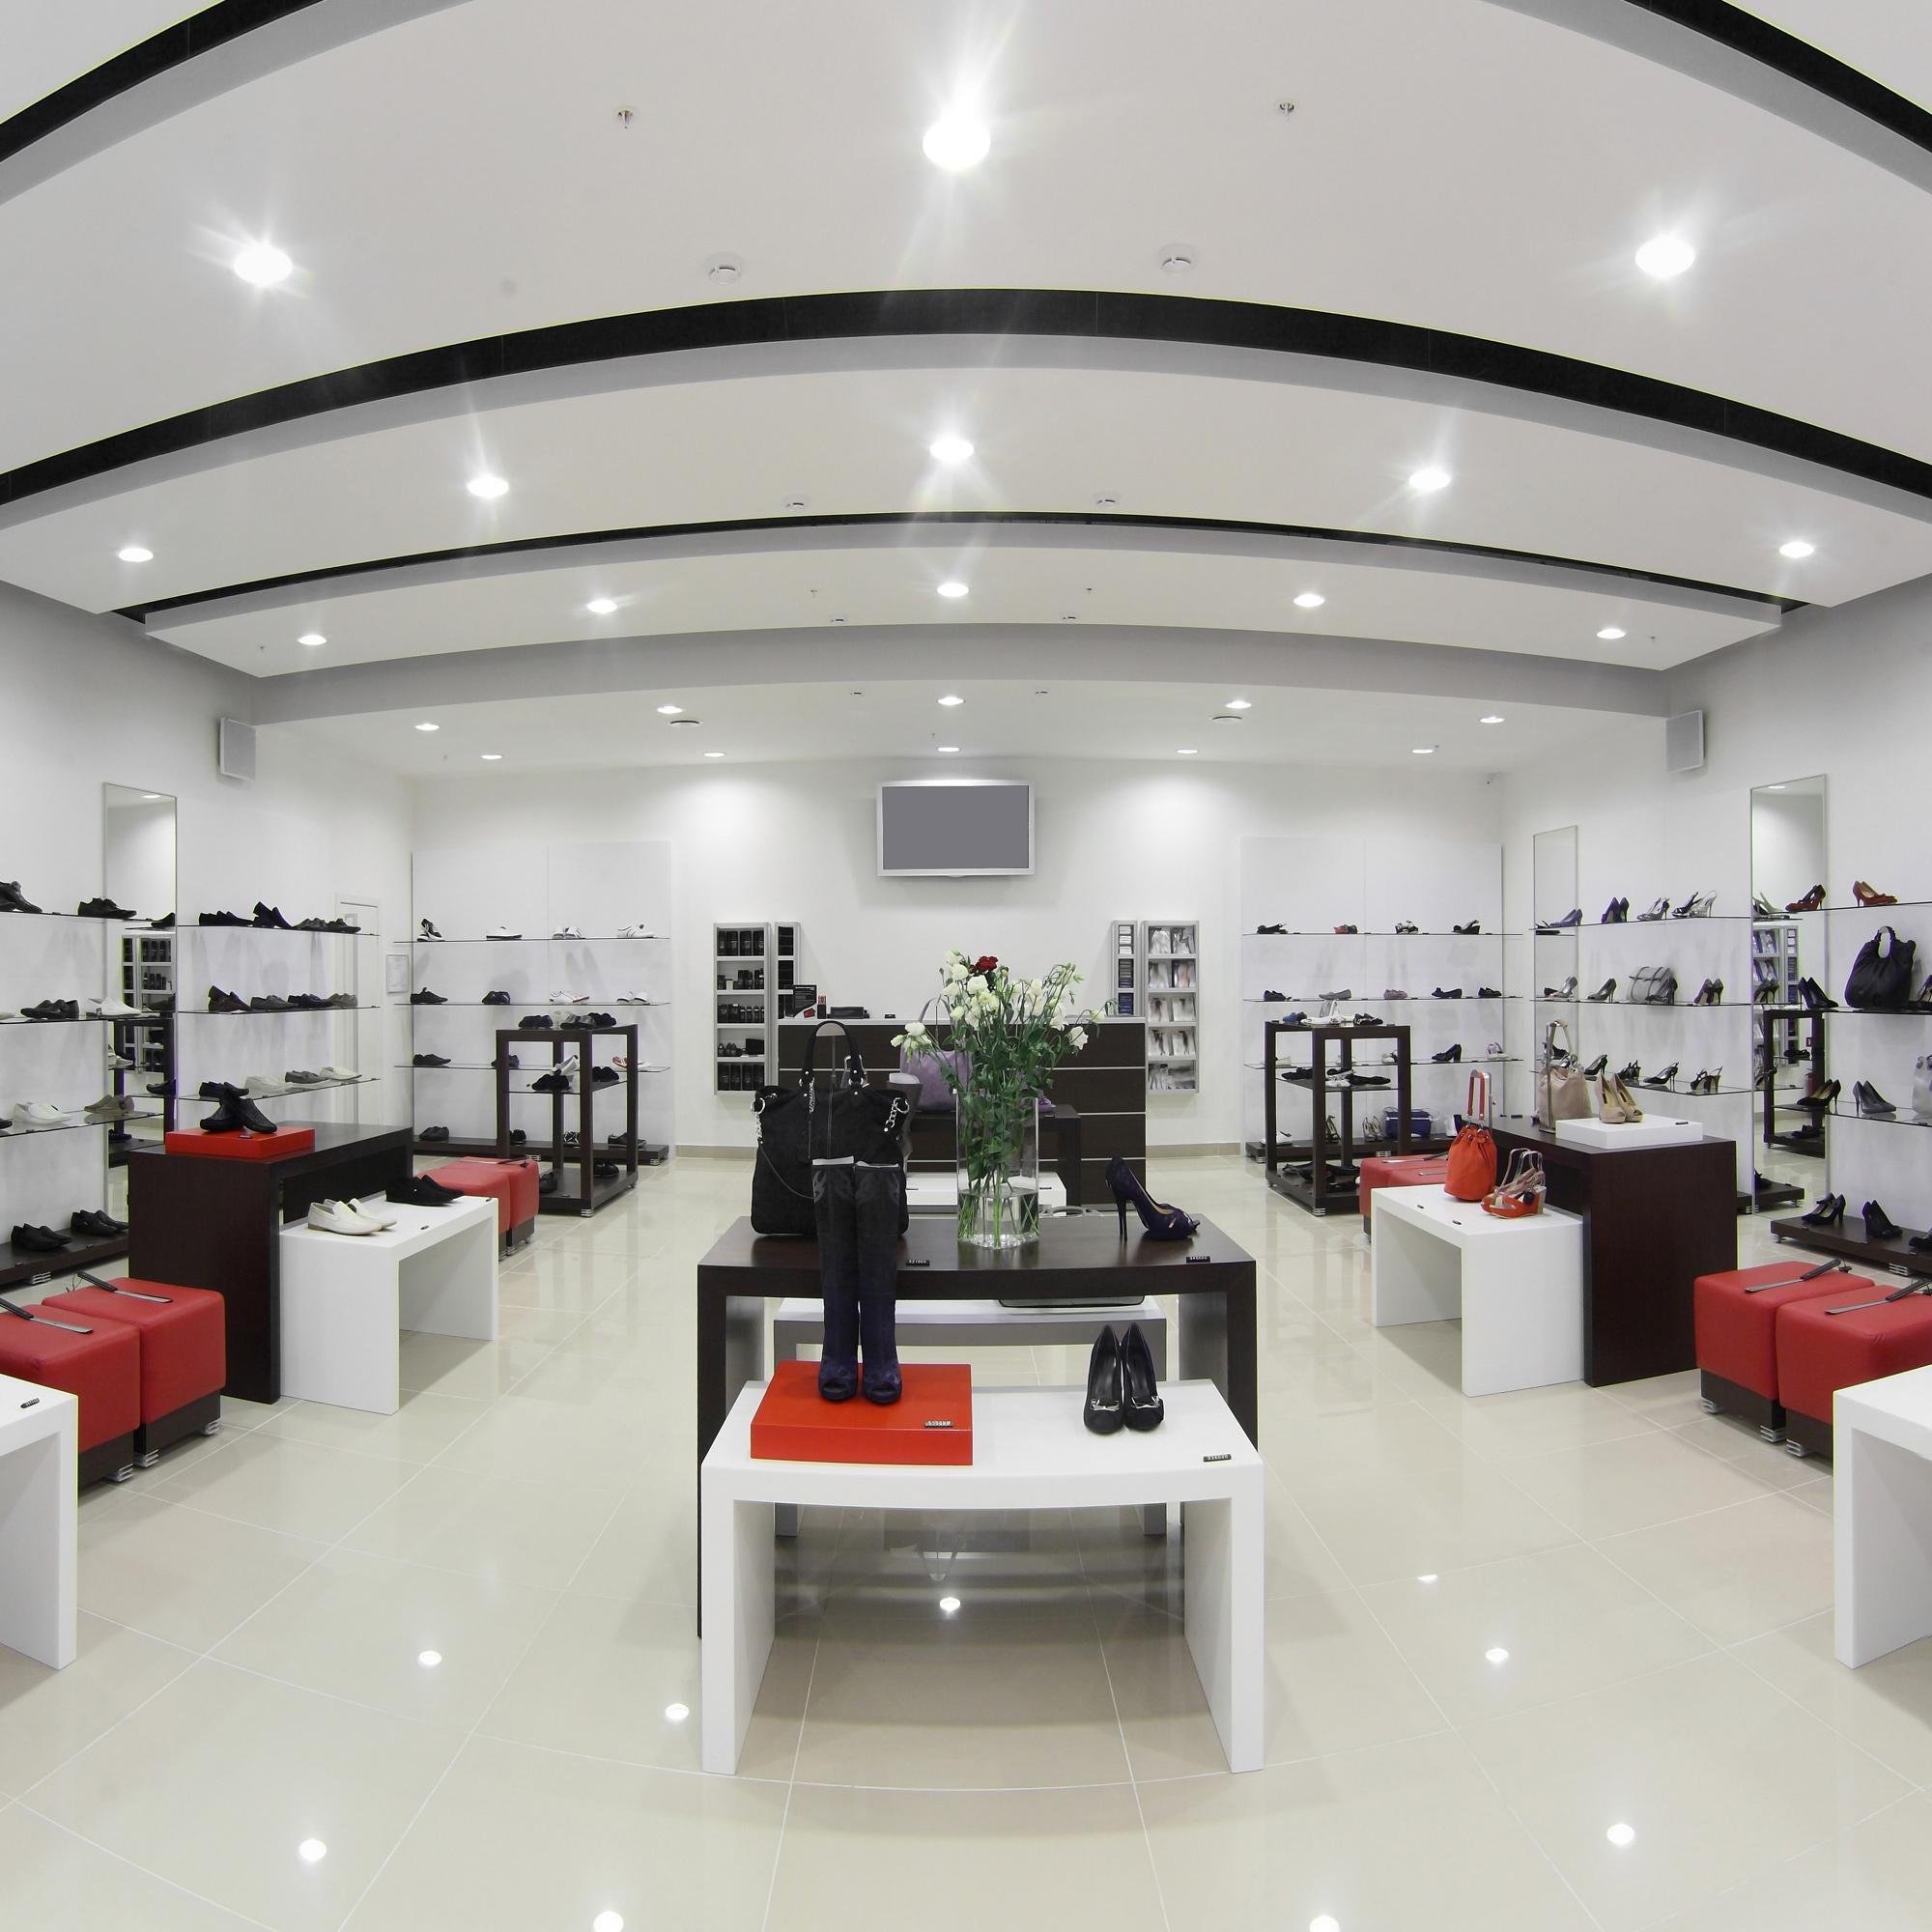 Verkaufsräume, Shops & HoReCa